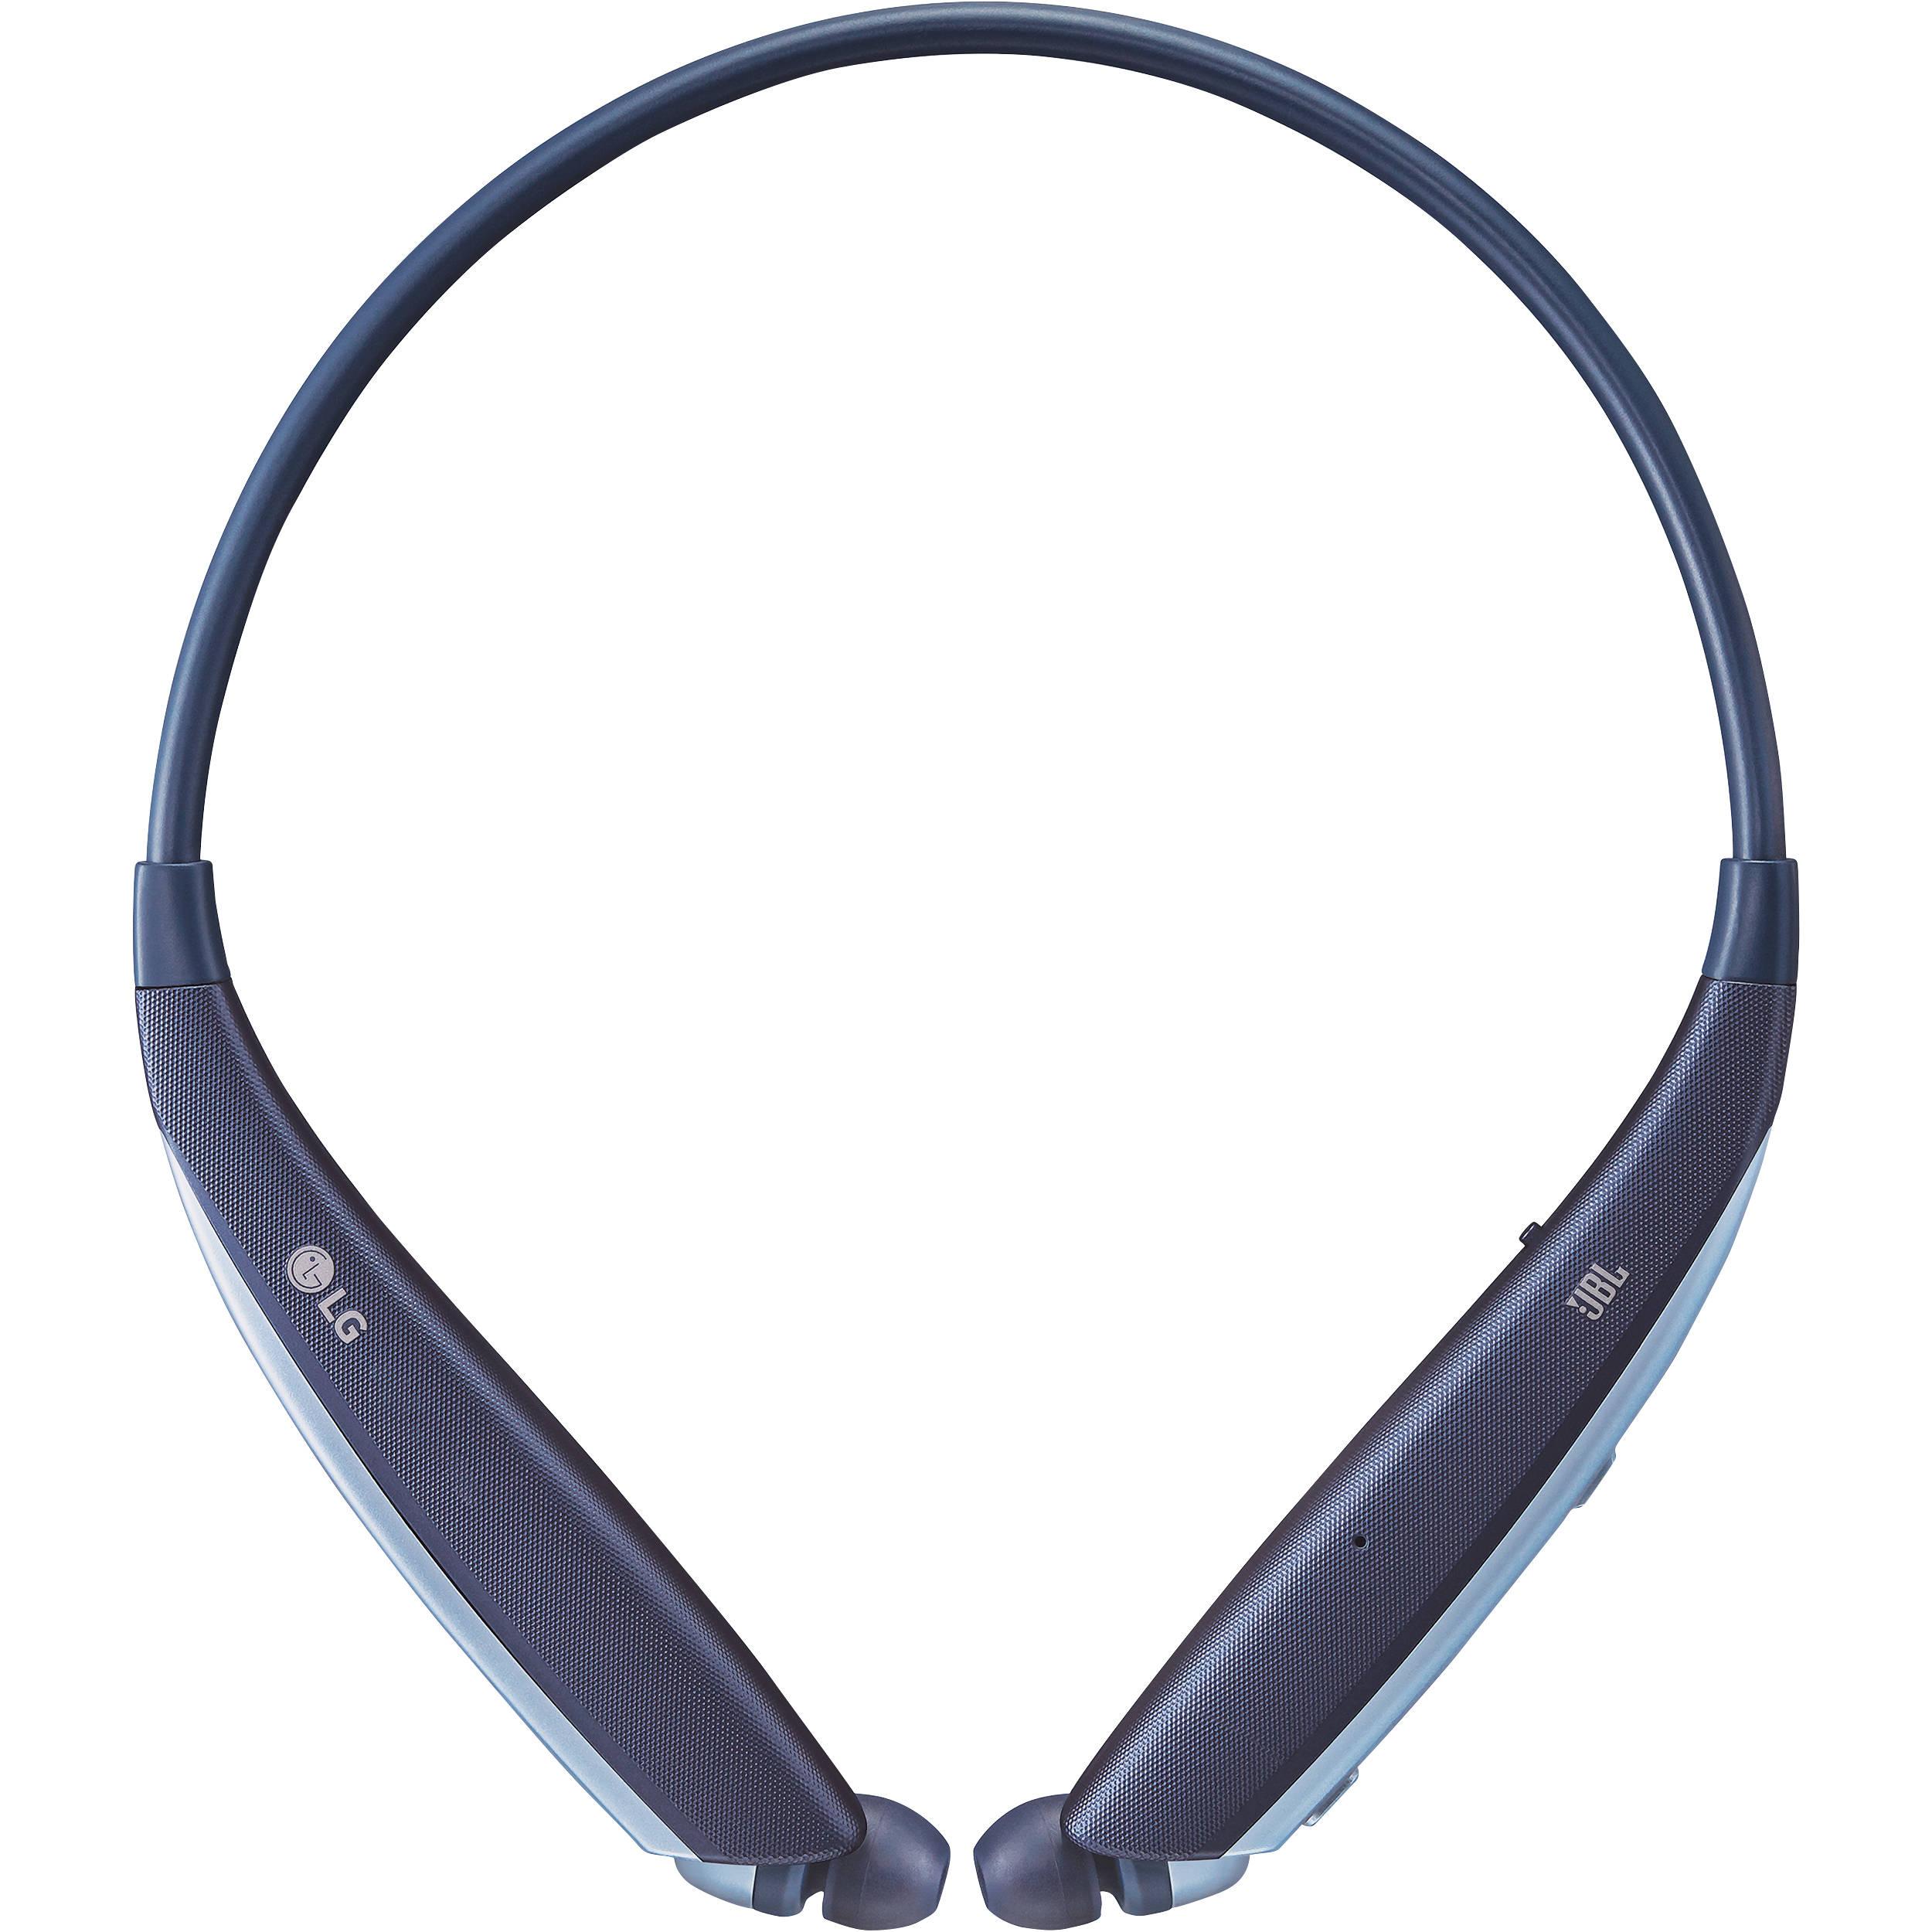 LG HBS-835 TONE Ultra Wireless In-Ear Headphones (Blue)